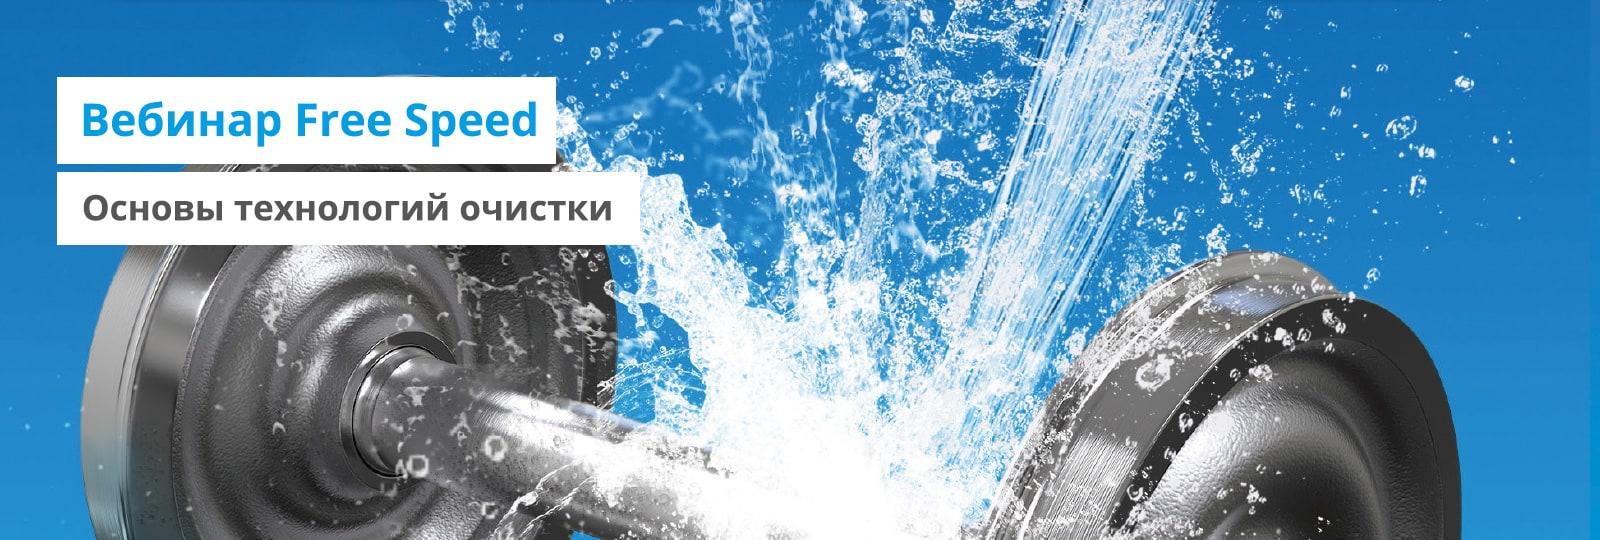 Бесплатный вебинар «Основы технологий очистки»